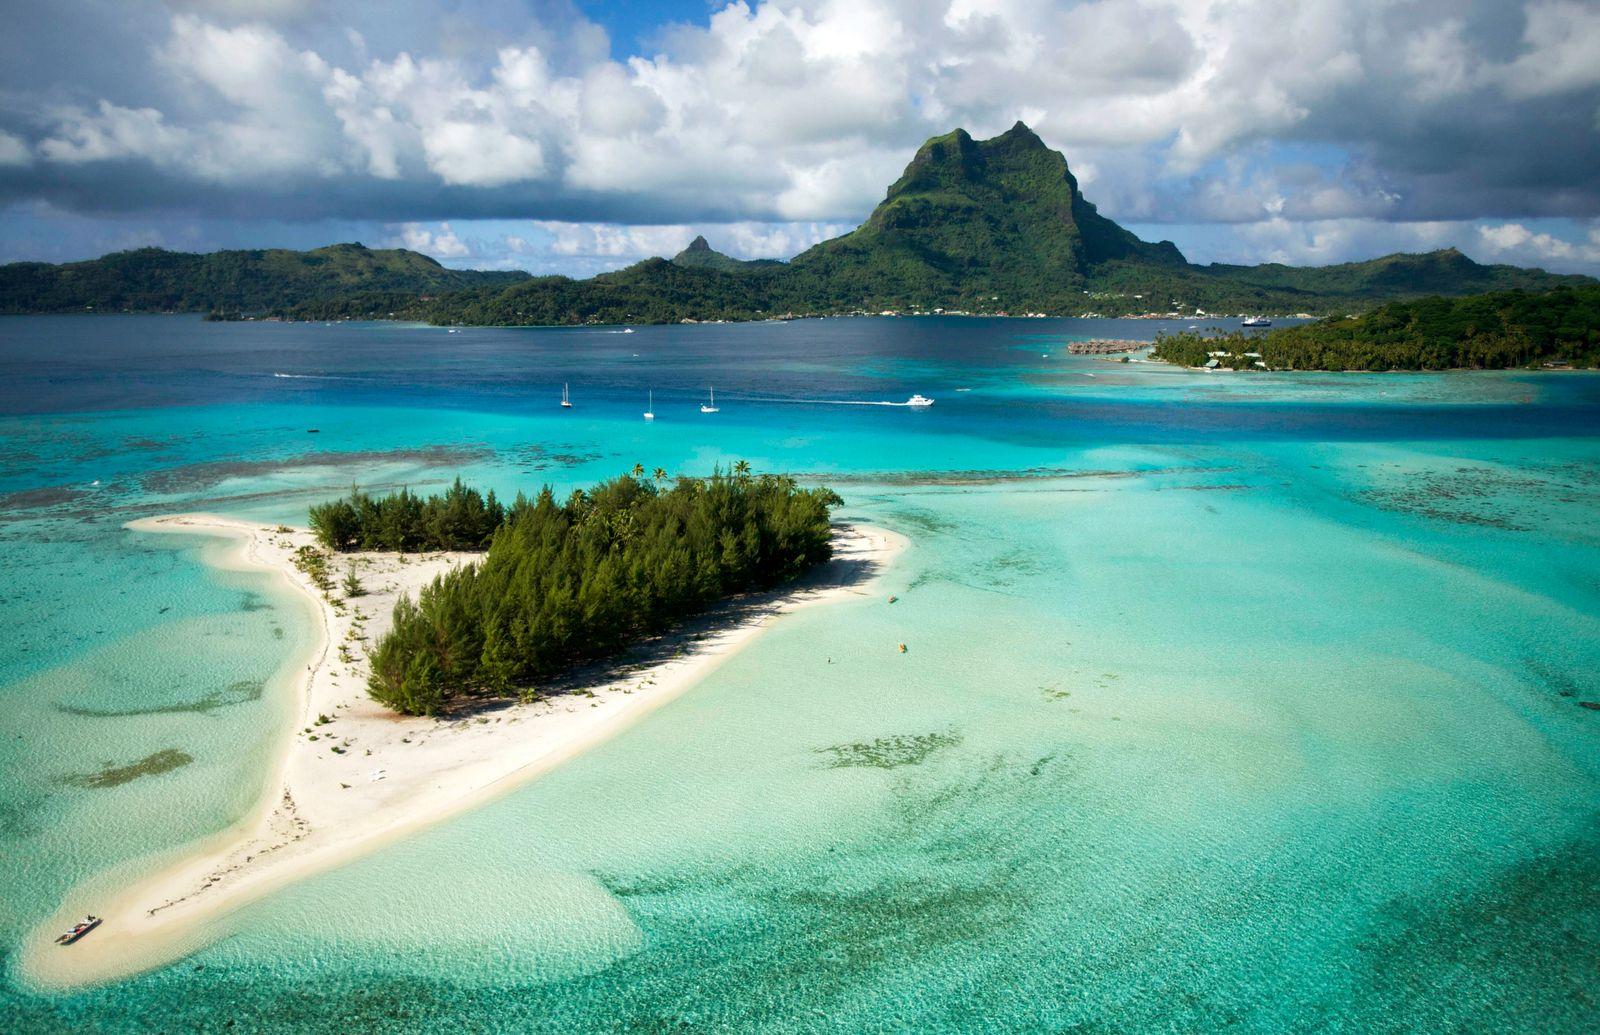 FRENCH POLYNESIA Aerial view of Bora Bora Island Society Islands French Polynesia July 2006 PUBLI